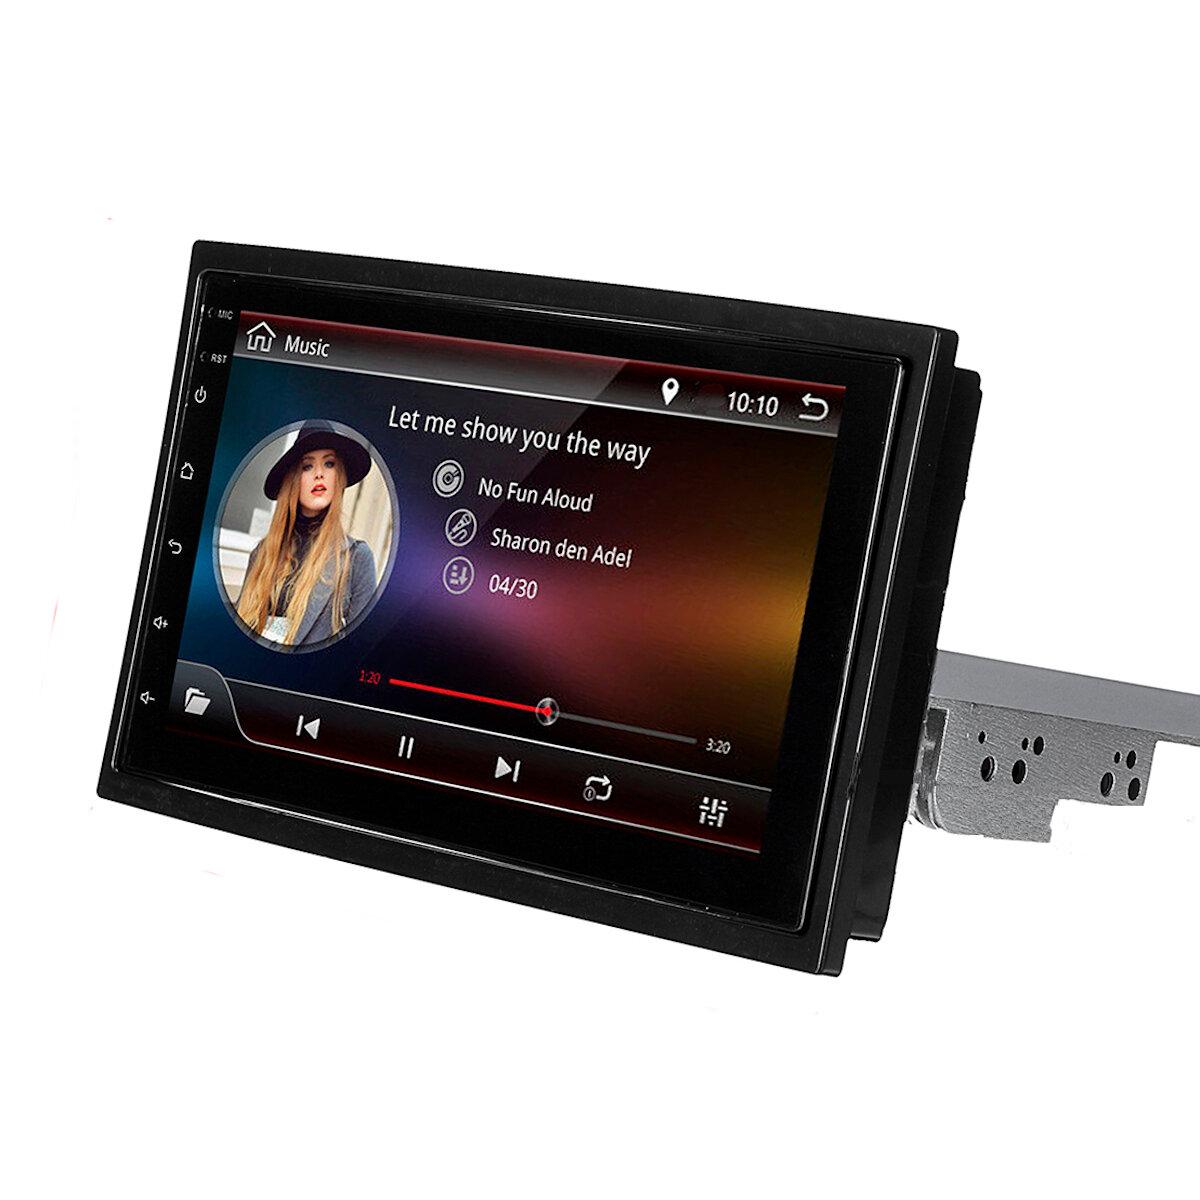 7インチ1 Din Android 8.1カーステレオラジオマルチメディアプレーヤー調整可能スクリーン4コア1GB + 16GB GPS Wifi Bluetooth FM AM